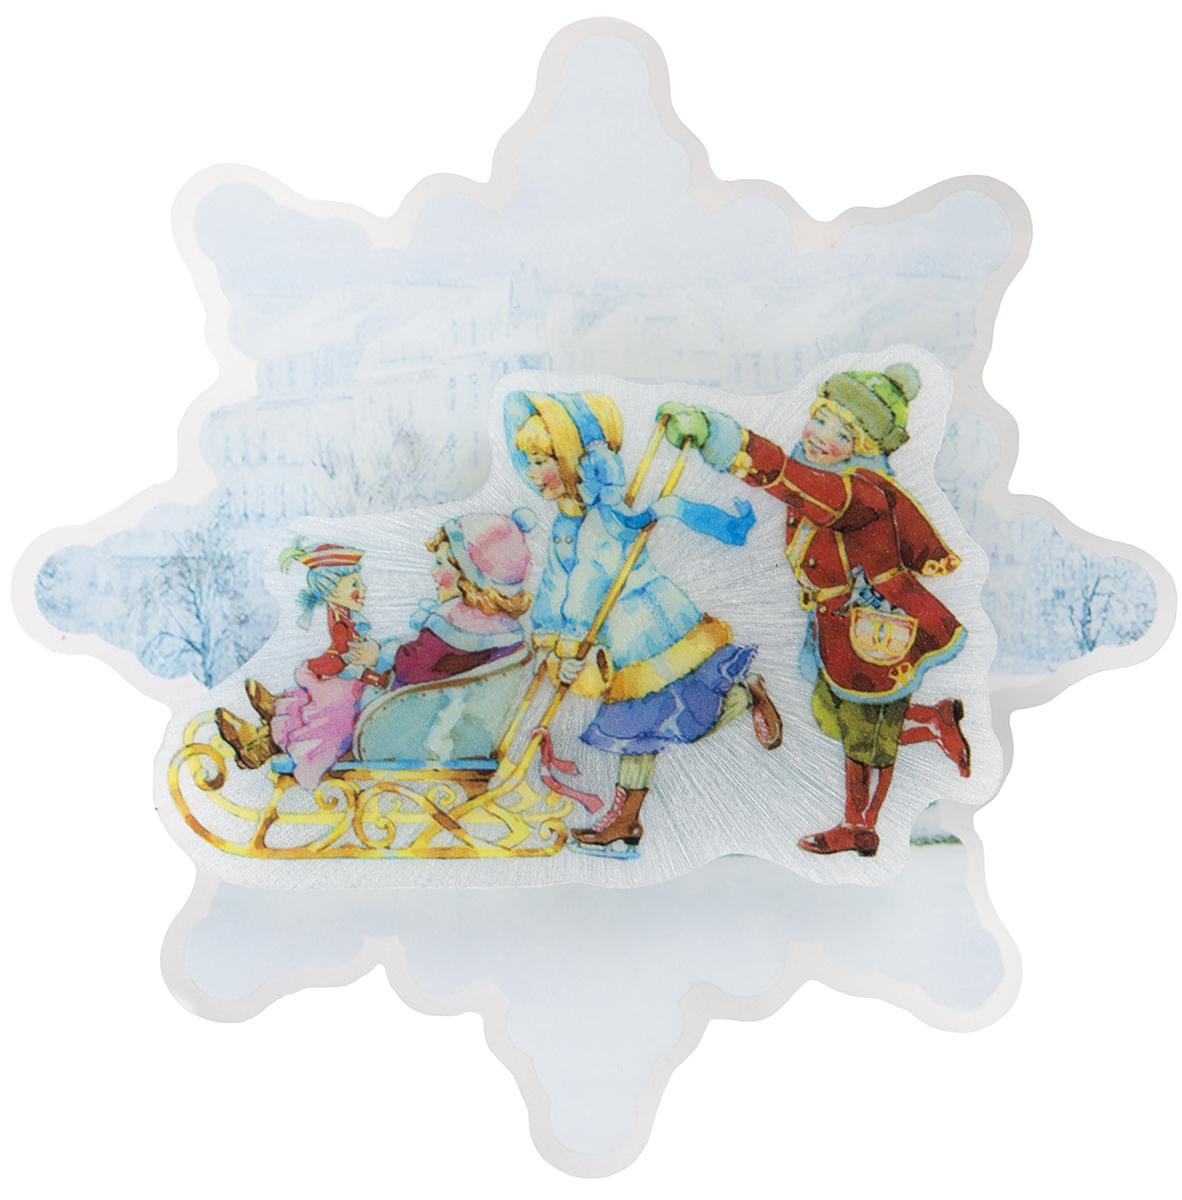 Украшение новогоднее Magic Time Счастливое семейство, с подсветкой украшение новогоднее magic time снеговики со светодиодной подсветкой на присоске 10 5 x 10 x 3 см